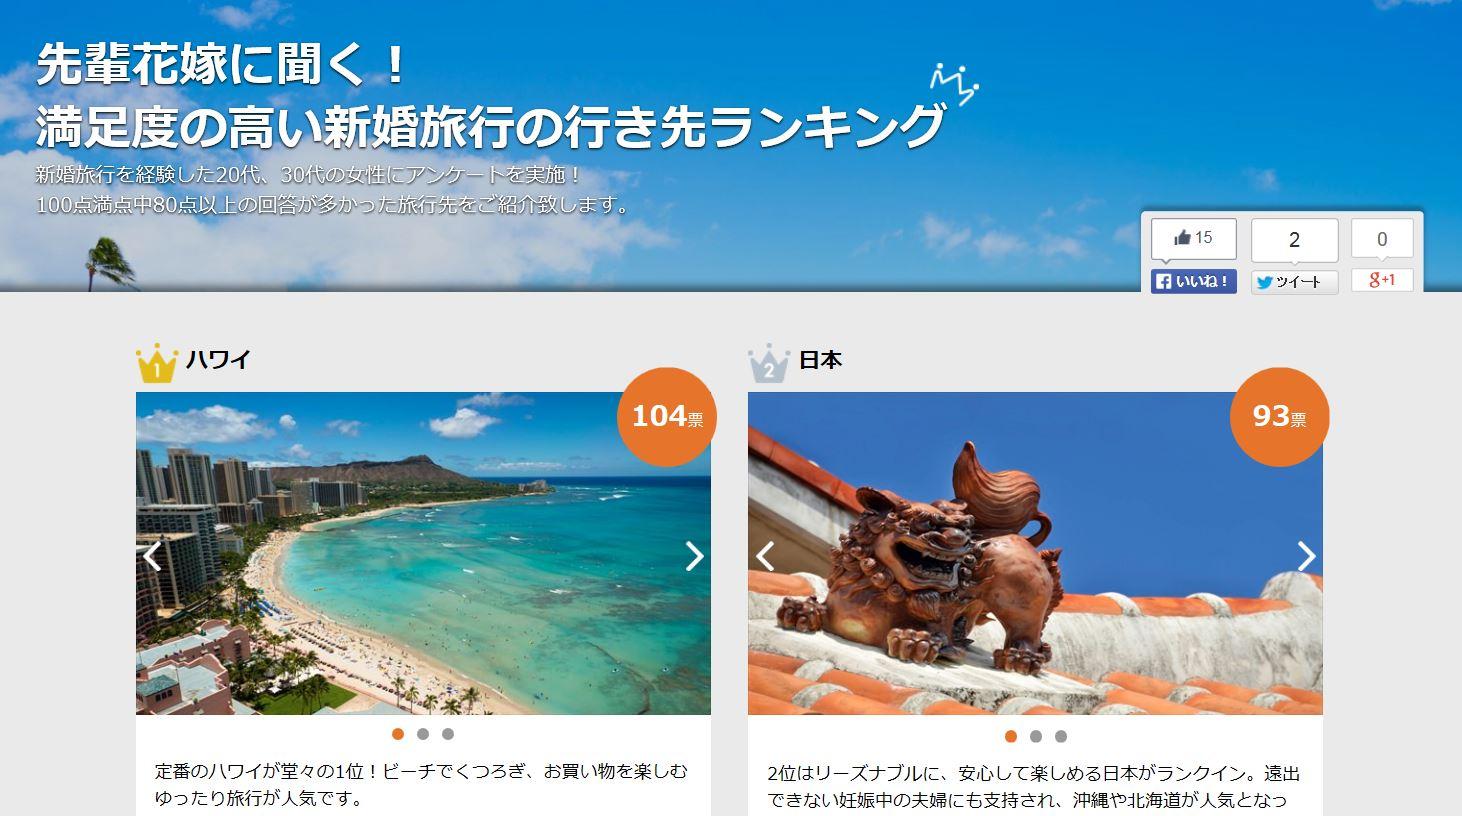 花嫁経験者が選ぶ、満足度が高い新婚旅行先ランキング1位はハワイ -楽天トラベル